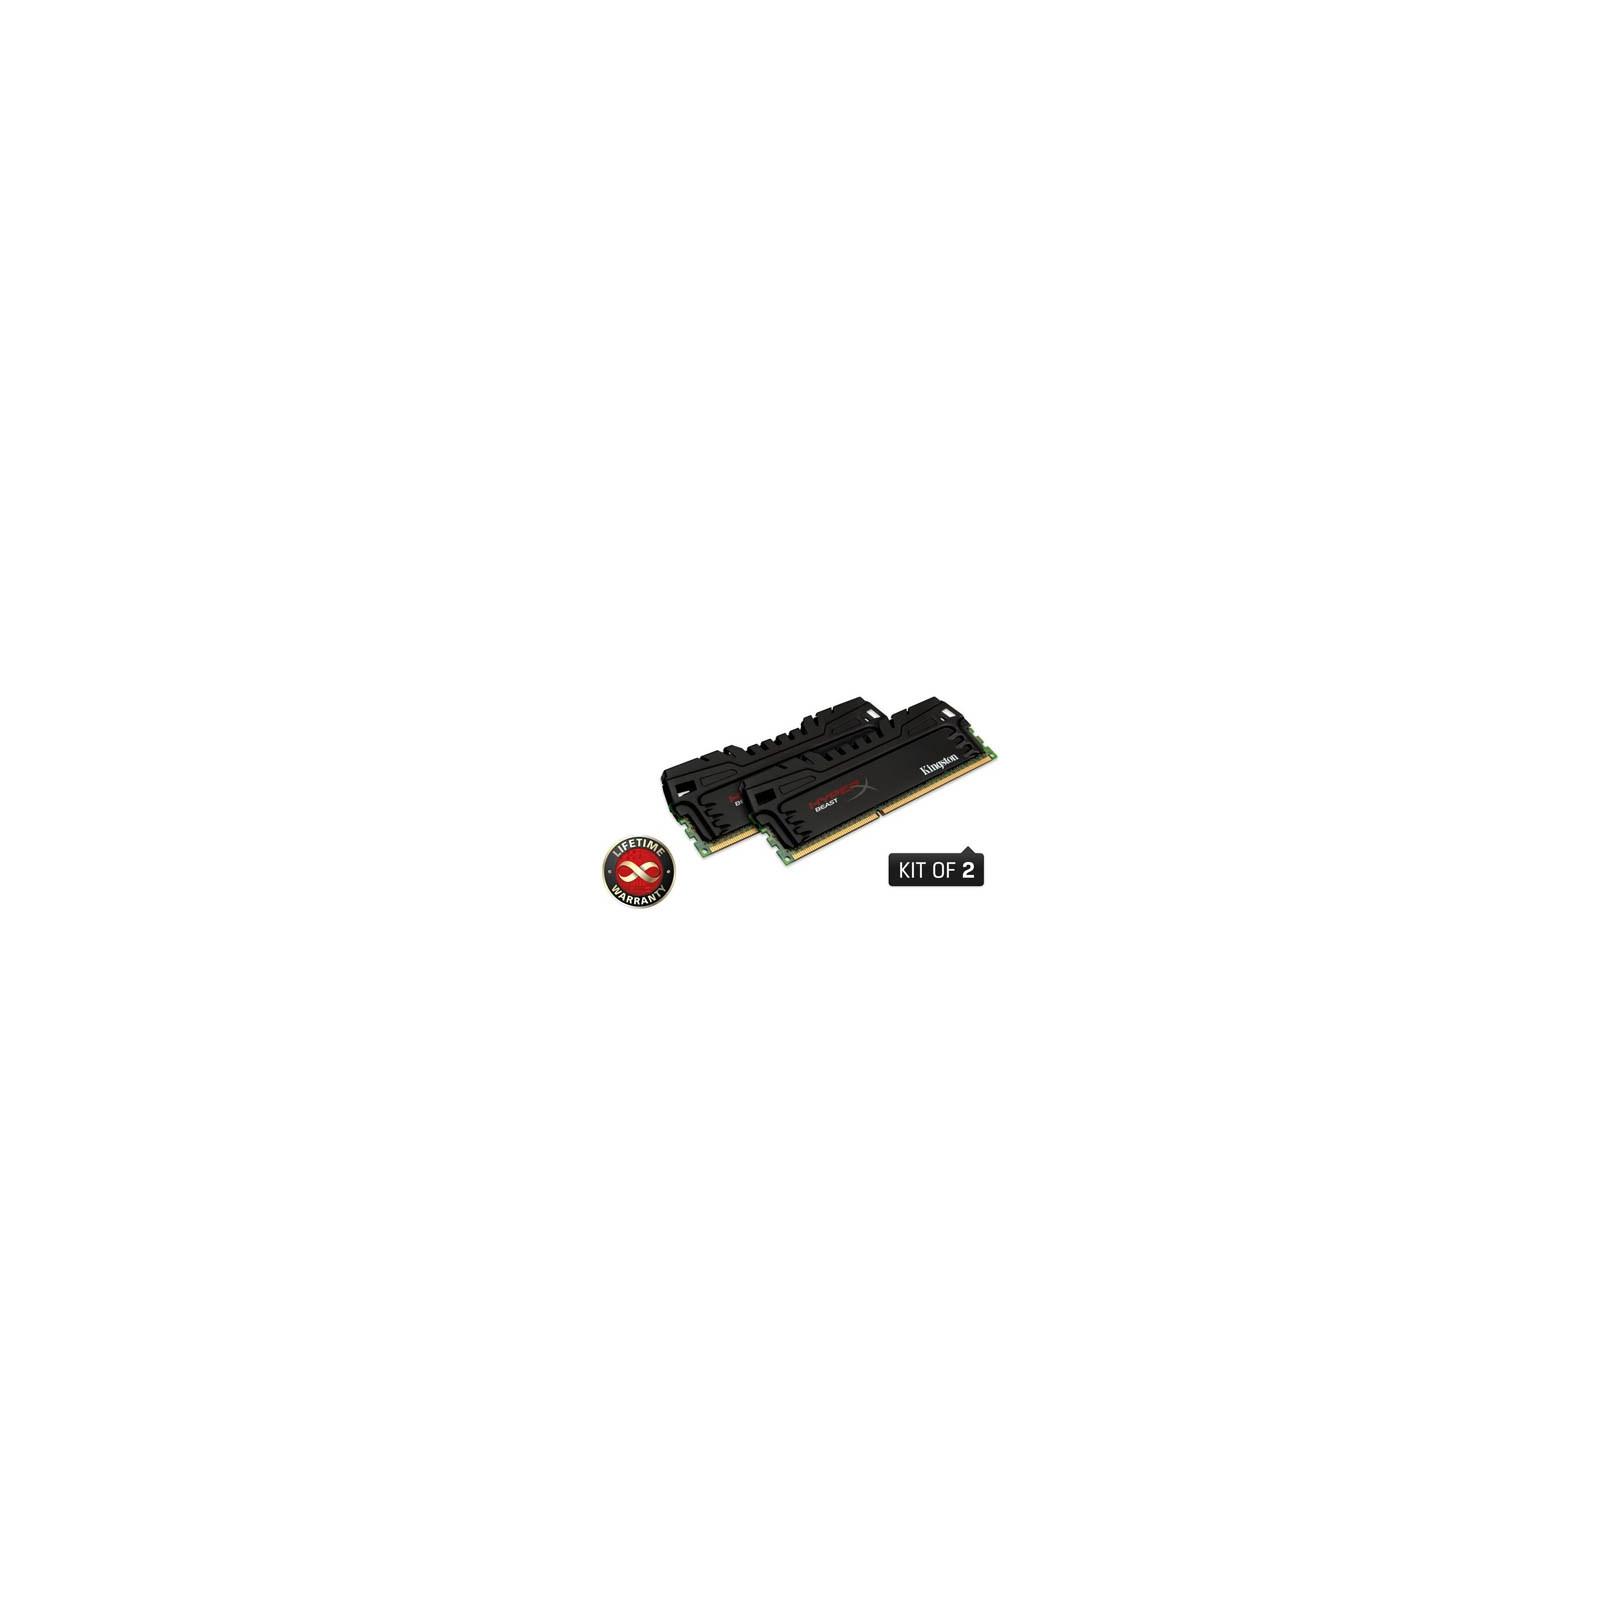 Модуль памяти для компьютера DDR3 8GB (2x4GB) 2400 MHz Kingston (KHX24C11T3K2/8X)